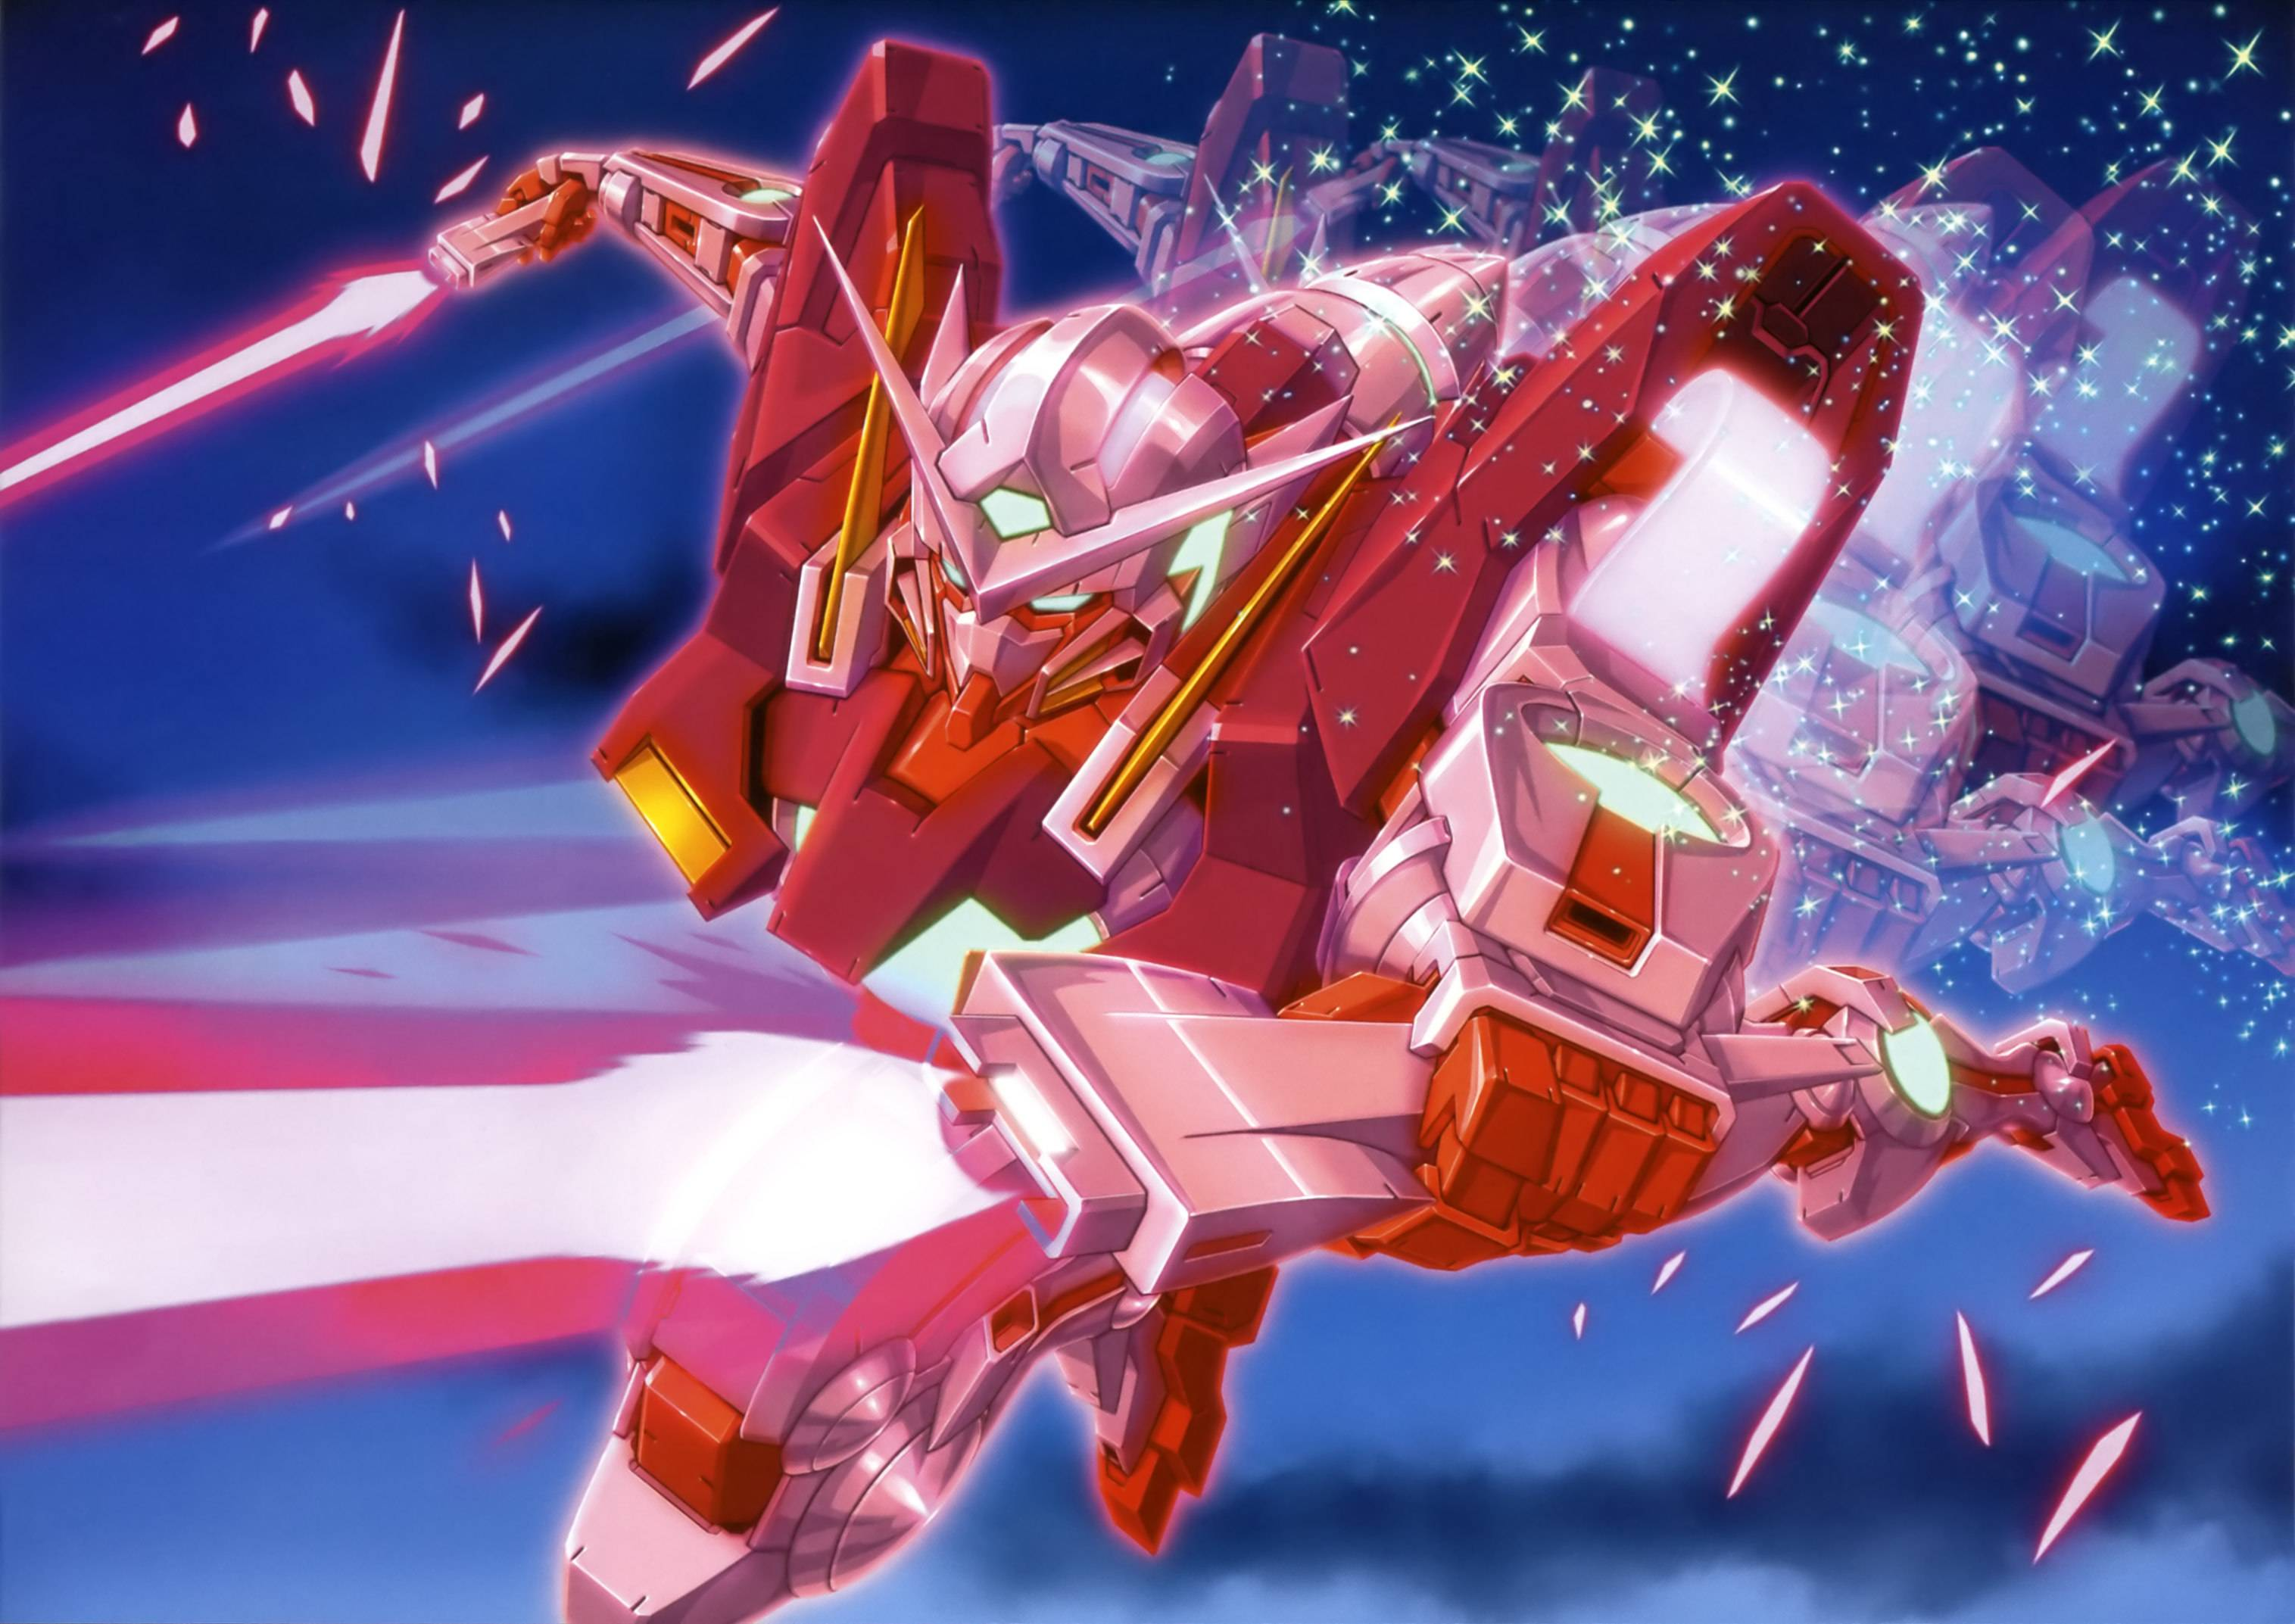 Gundam Exia Wallpapers 3031x2145